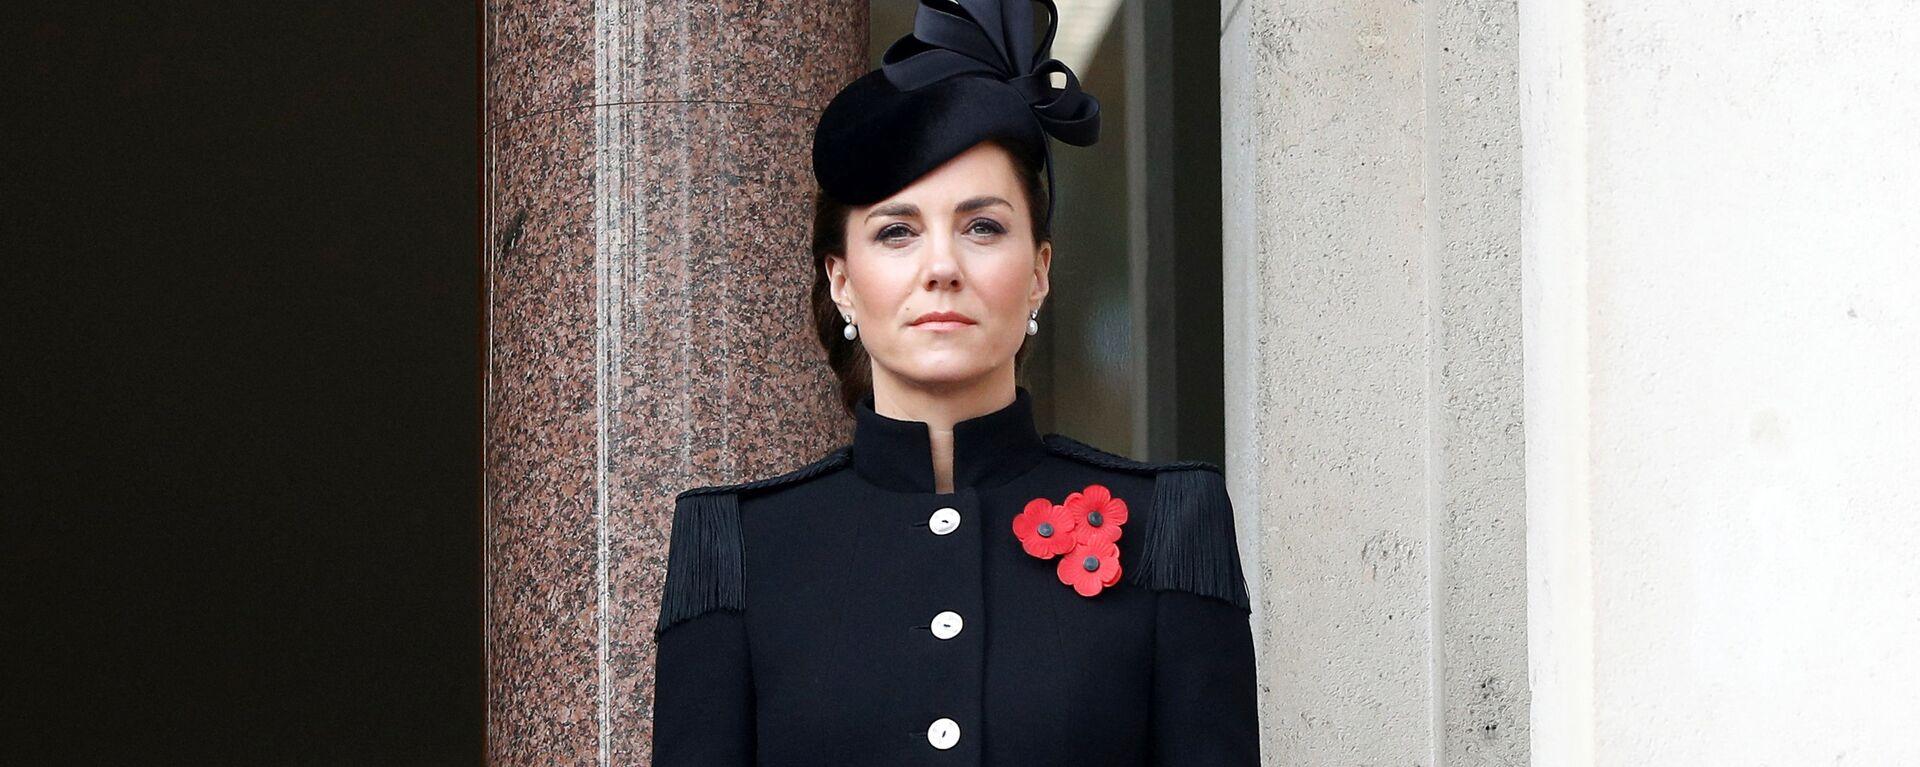 Vévodkyně z Cambridge Kate Middletonová - Sputnik Česká republika, 1920, 15.04.2021